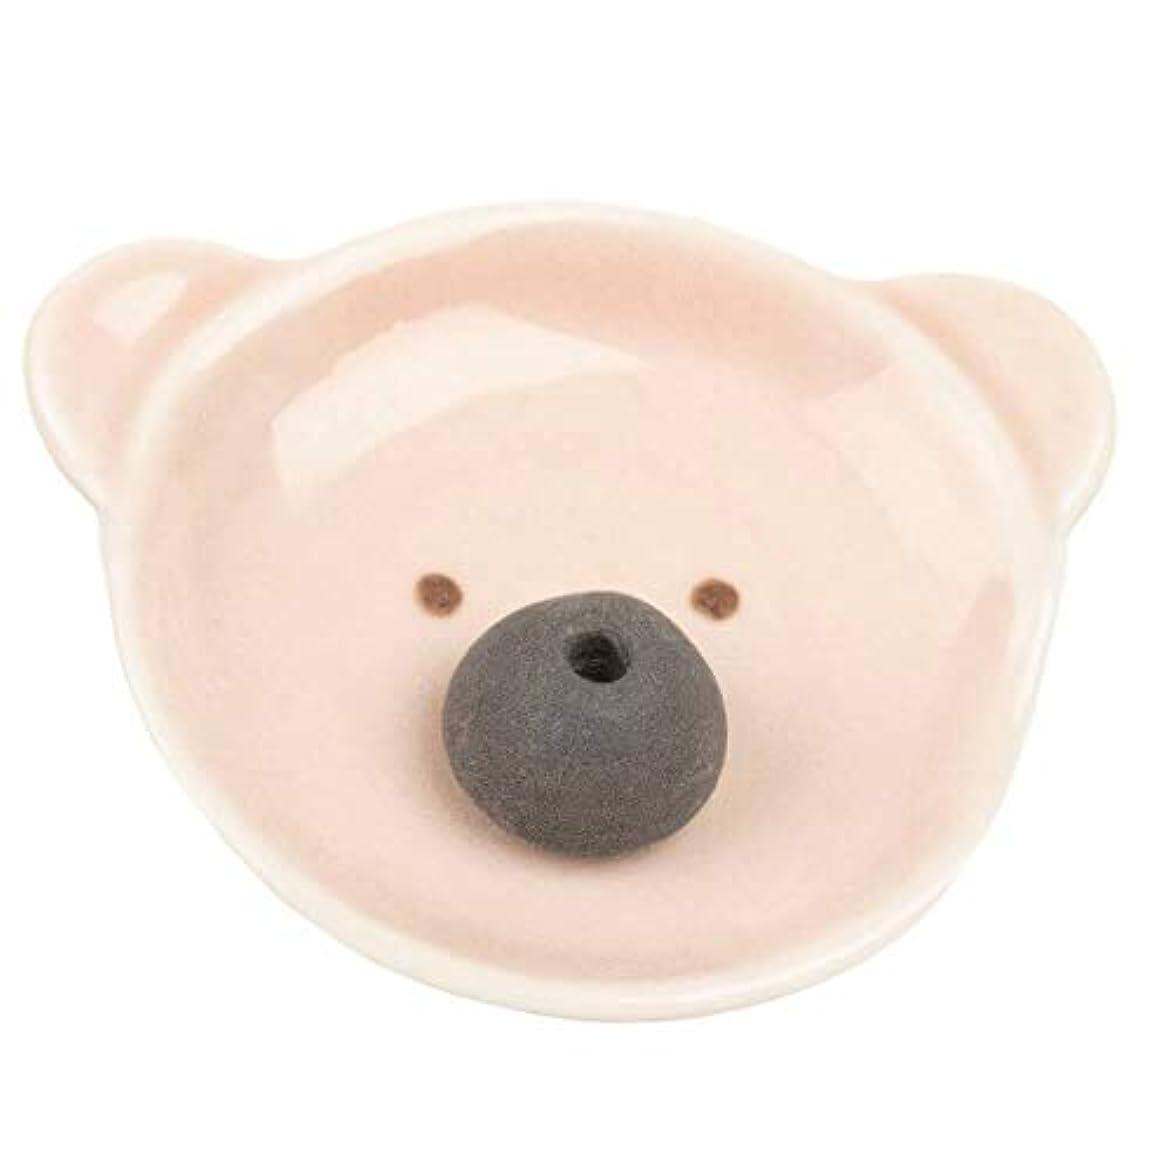 談話カレンダー人工的な香皿 香立て/アニマル 香皿セット ぶた/香り アロマ 癒やし リラックス インテリア プレゼント 贈り物